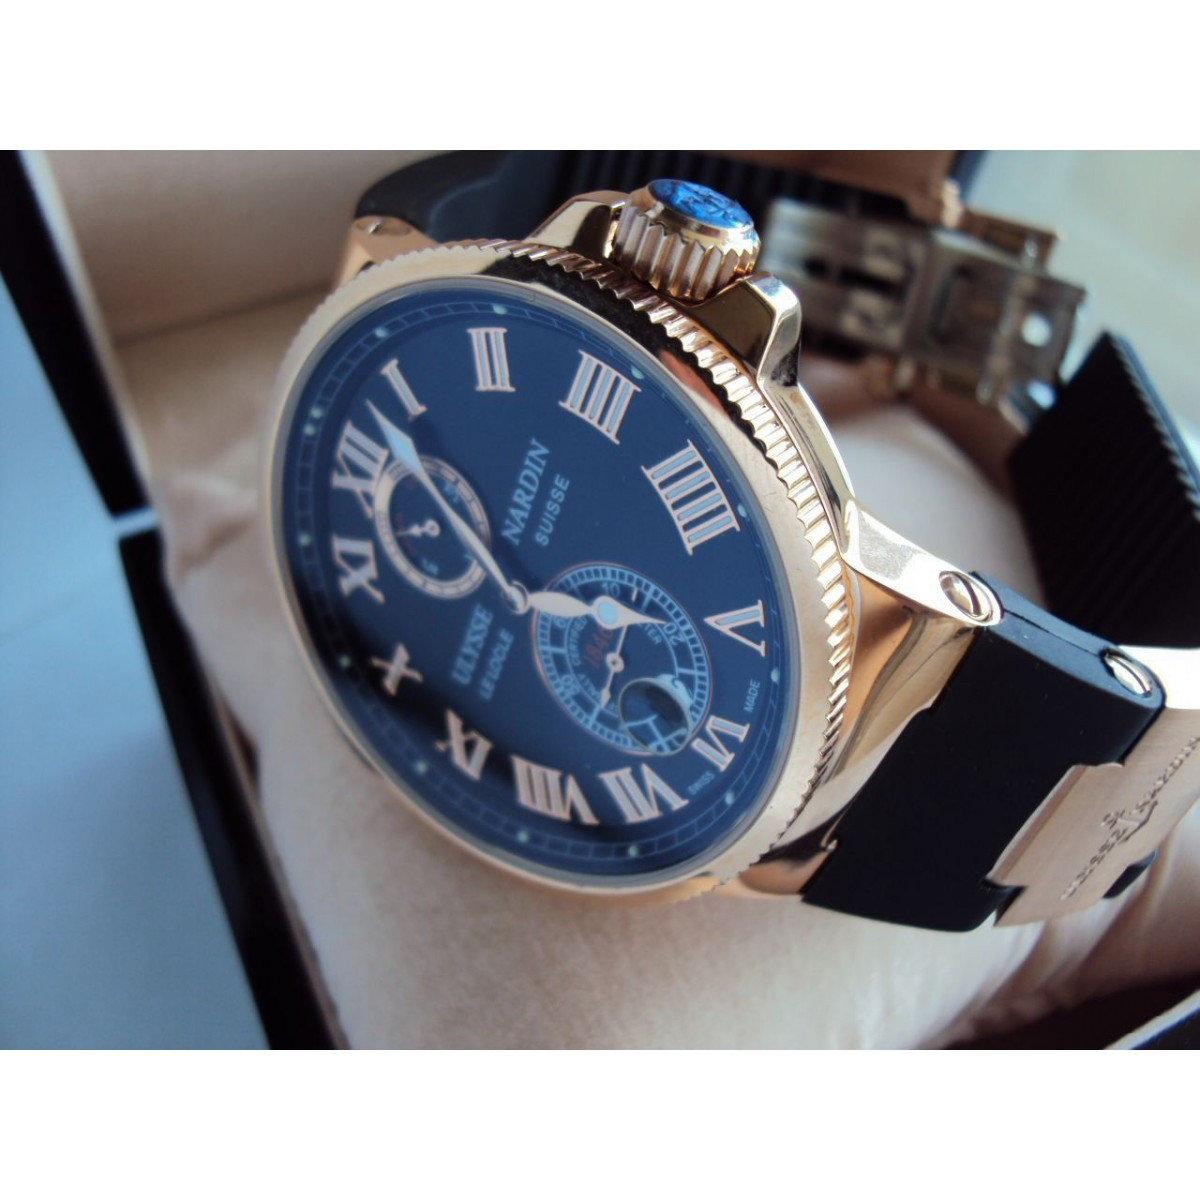 К сожалению поддельные часы могут быть очень хорошо исполнены по стилистике и по качеству.